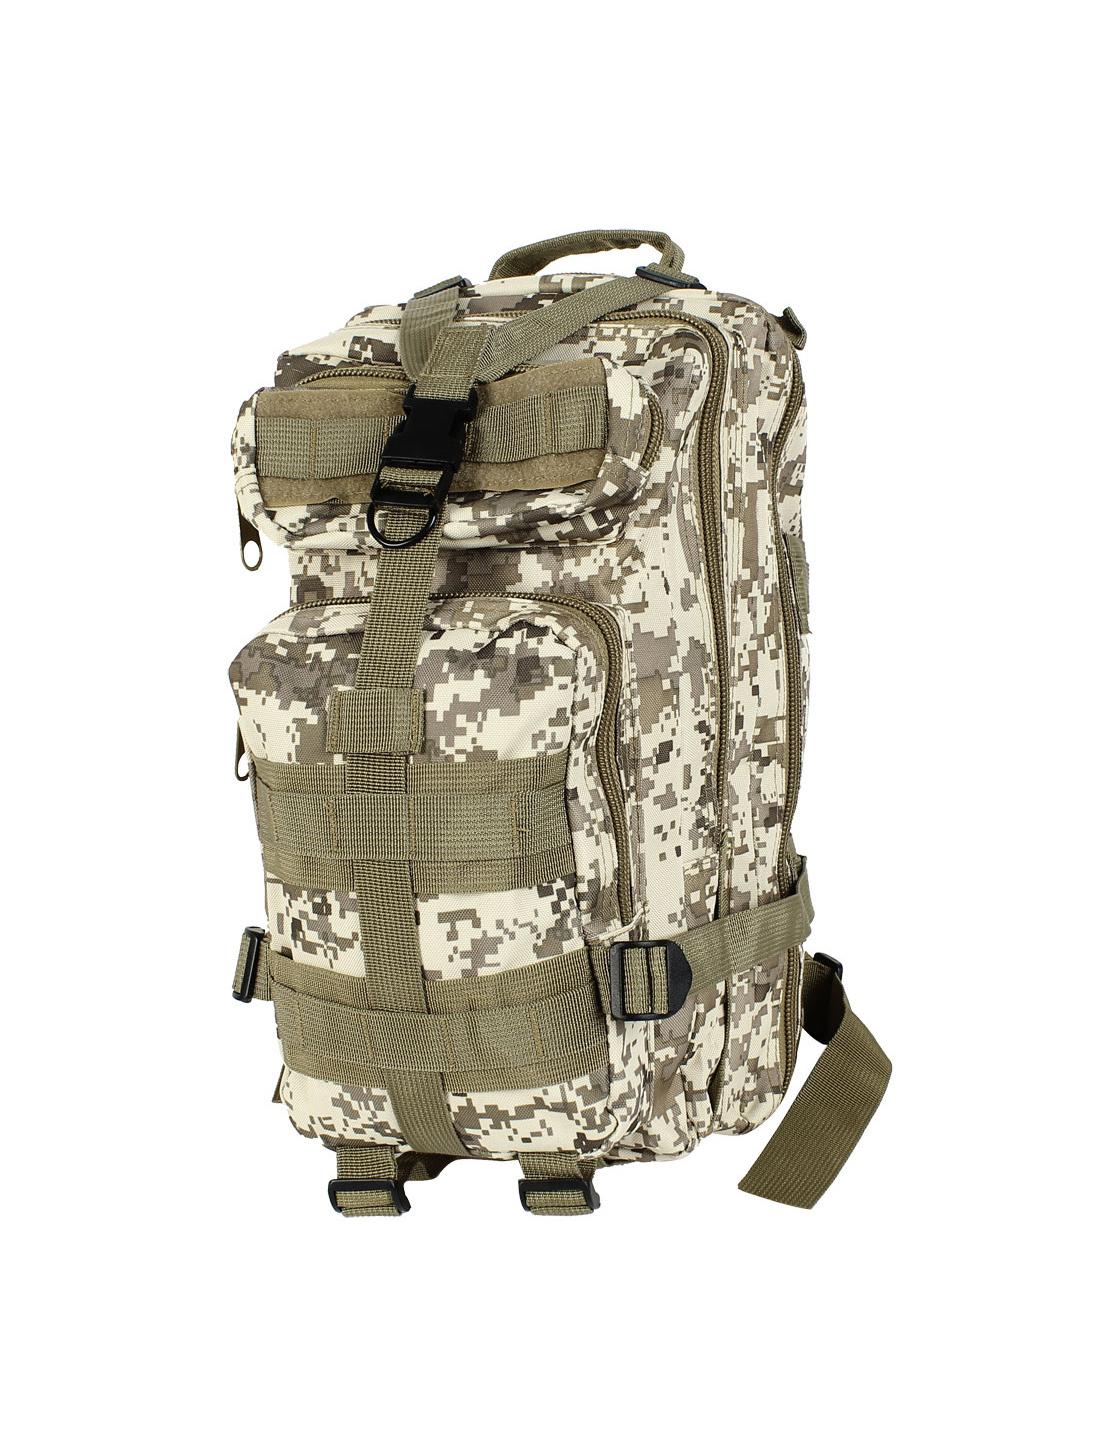 Military Tactical Rucksack Oxford Cloth Bag Hiking Backpack Army Green Beige